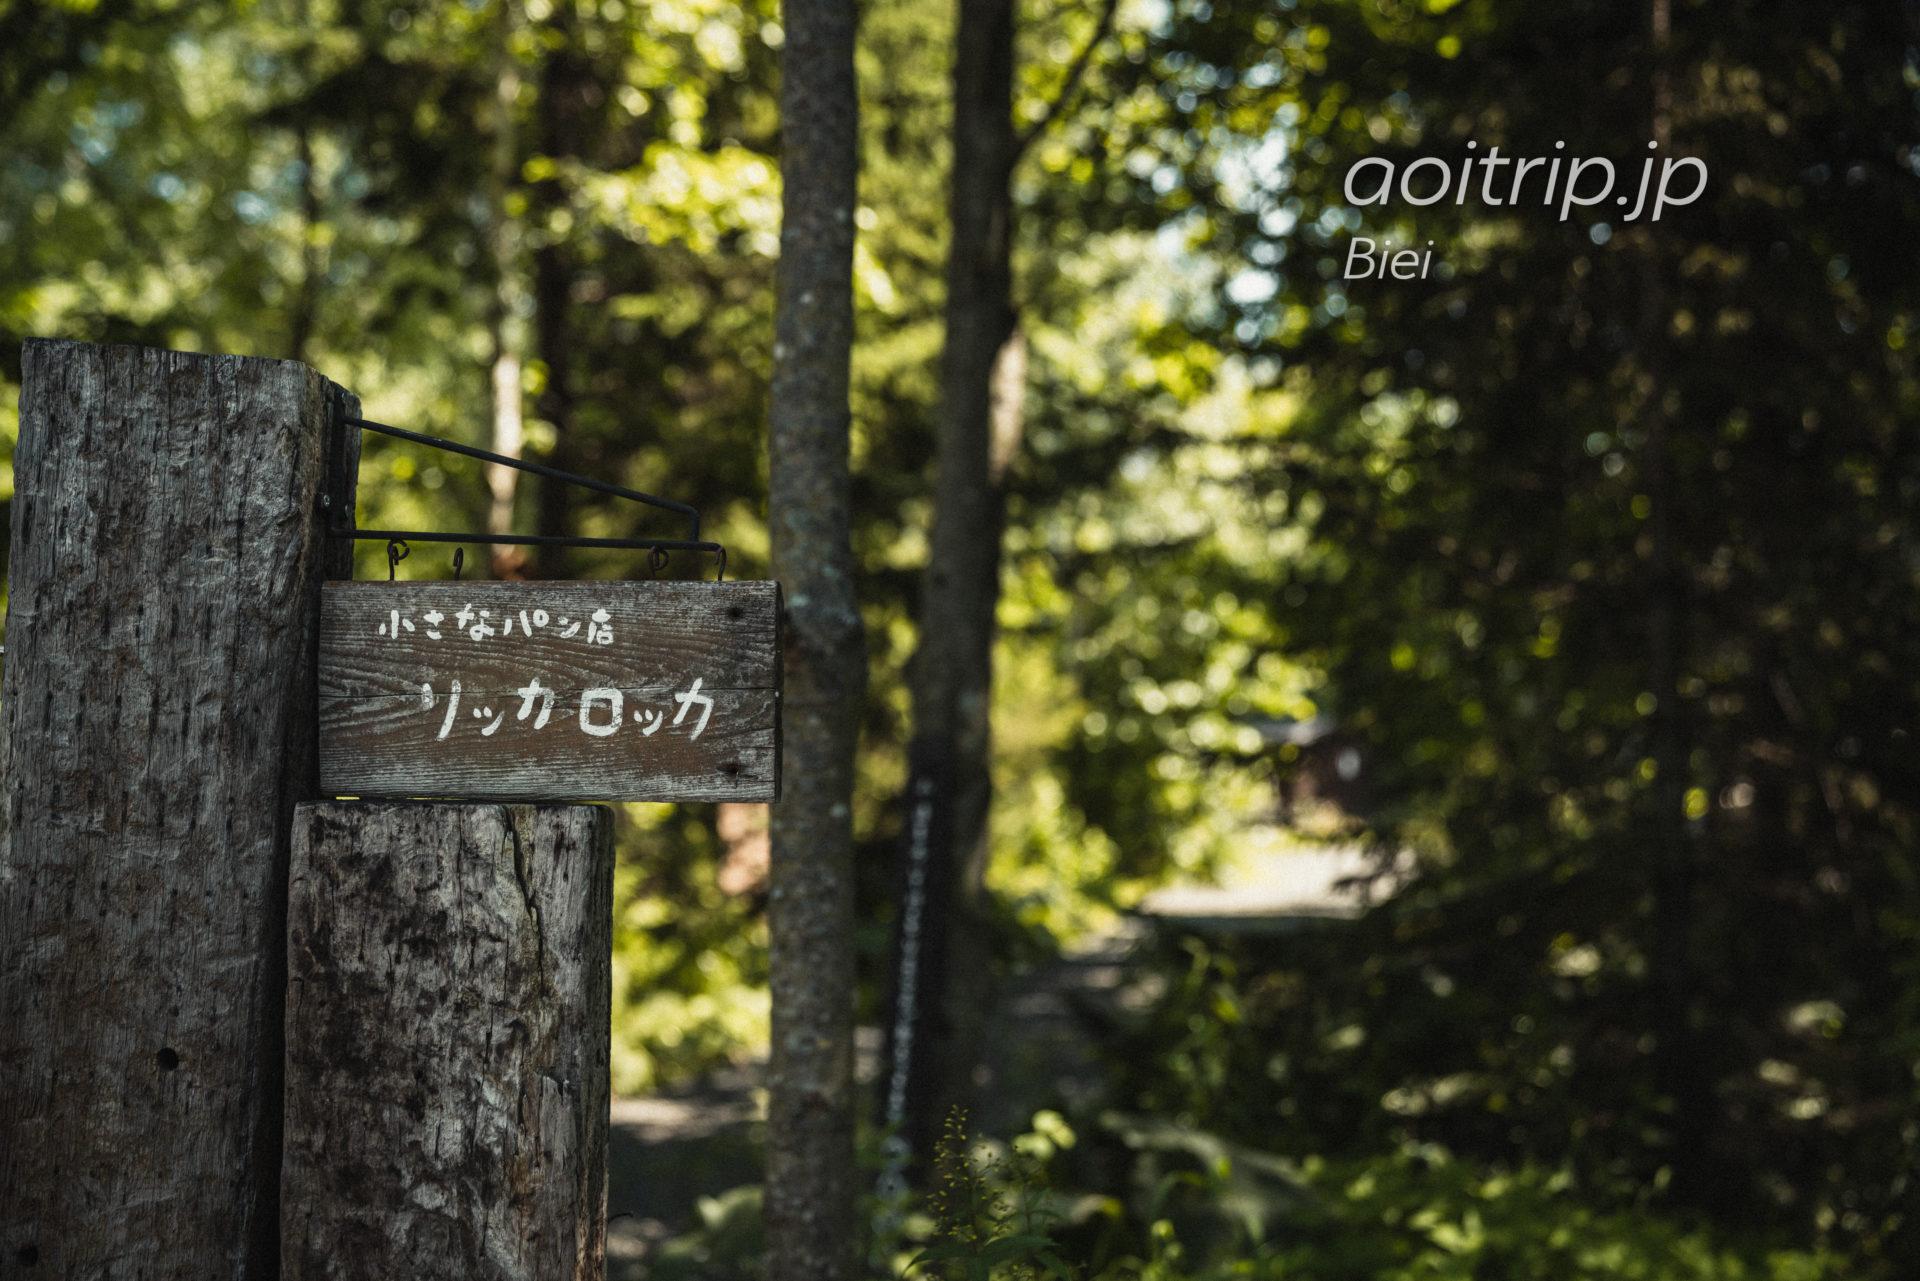 美瑛の小さなパン店 リッカロッカ|Likka Lokka, Biei